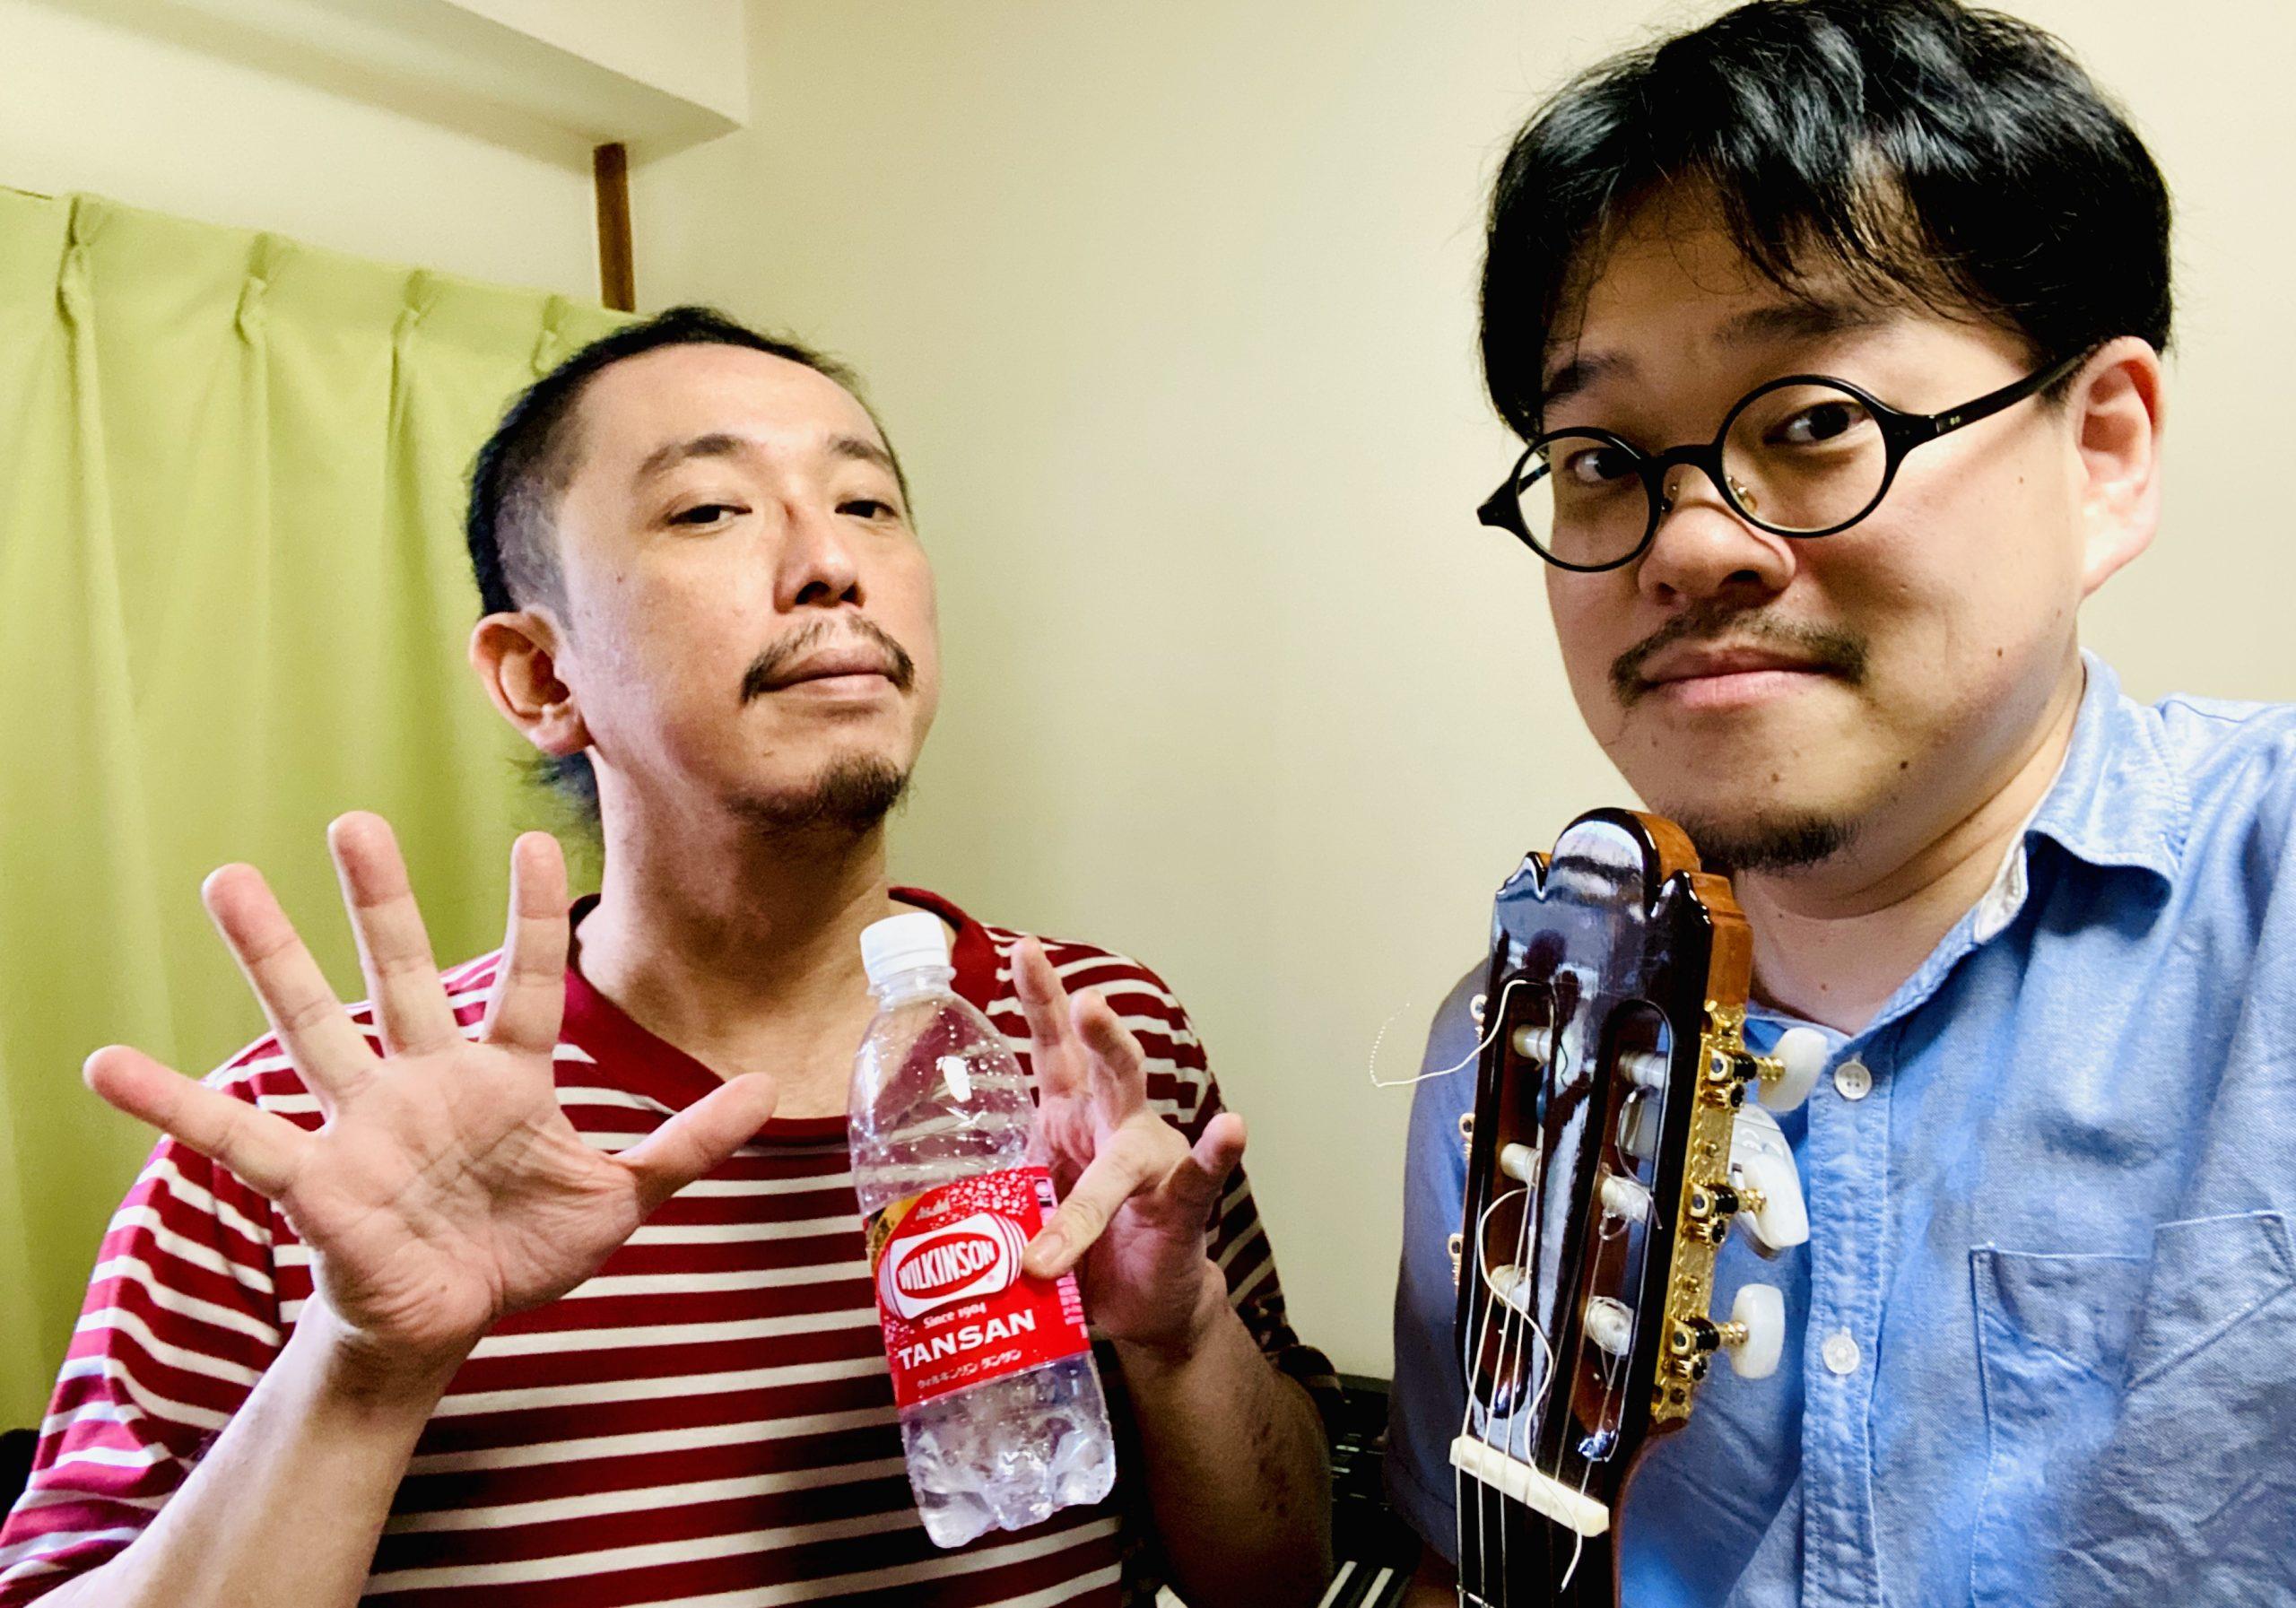 3か月ぶりに電車に乗りました。  ピアノ伊藤志宏さんと来週デュオライブします。6/29月 19:30- 池袋 applejump 10名限定です。ご予約はお店まで。  今日はそのリハでした。リ ...